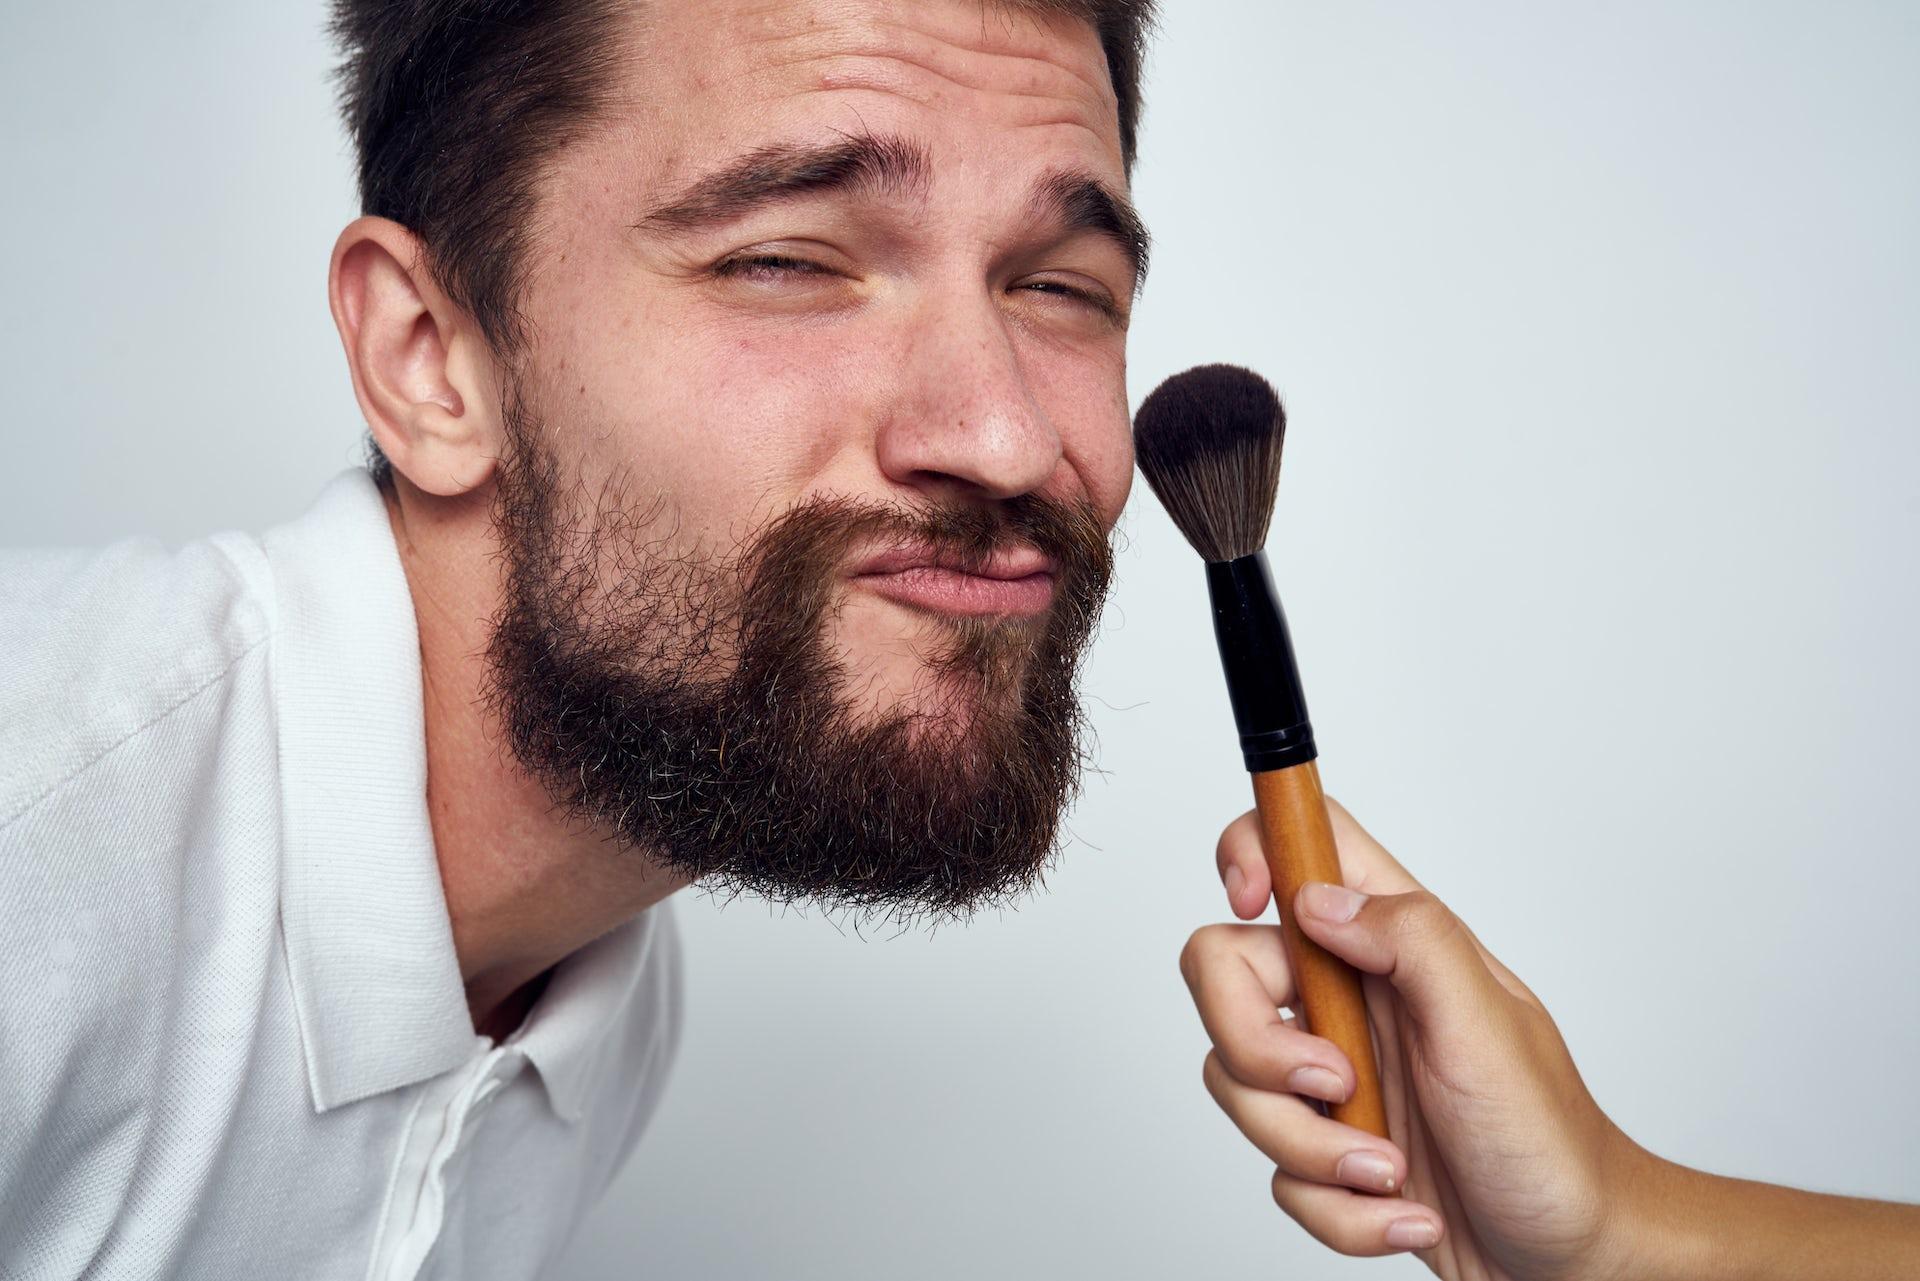 Men wearing makeup